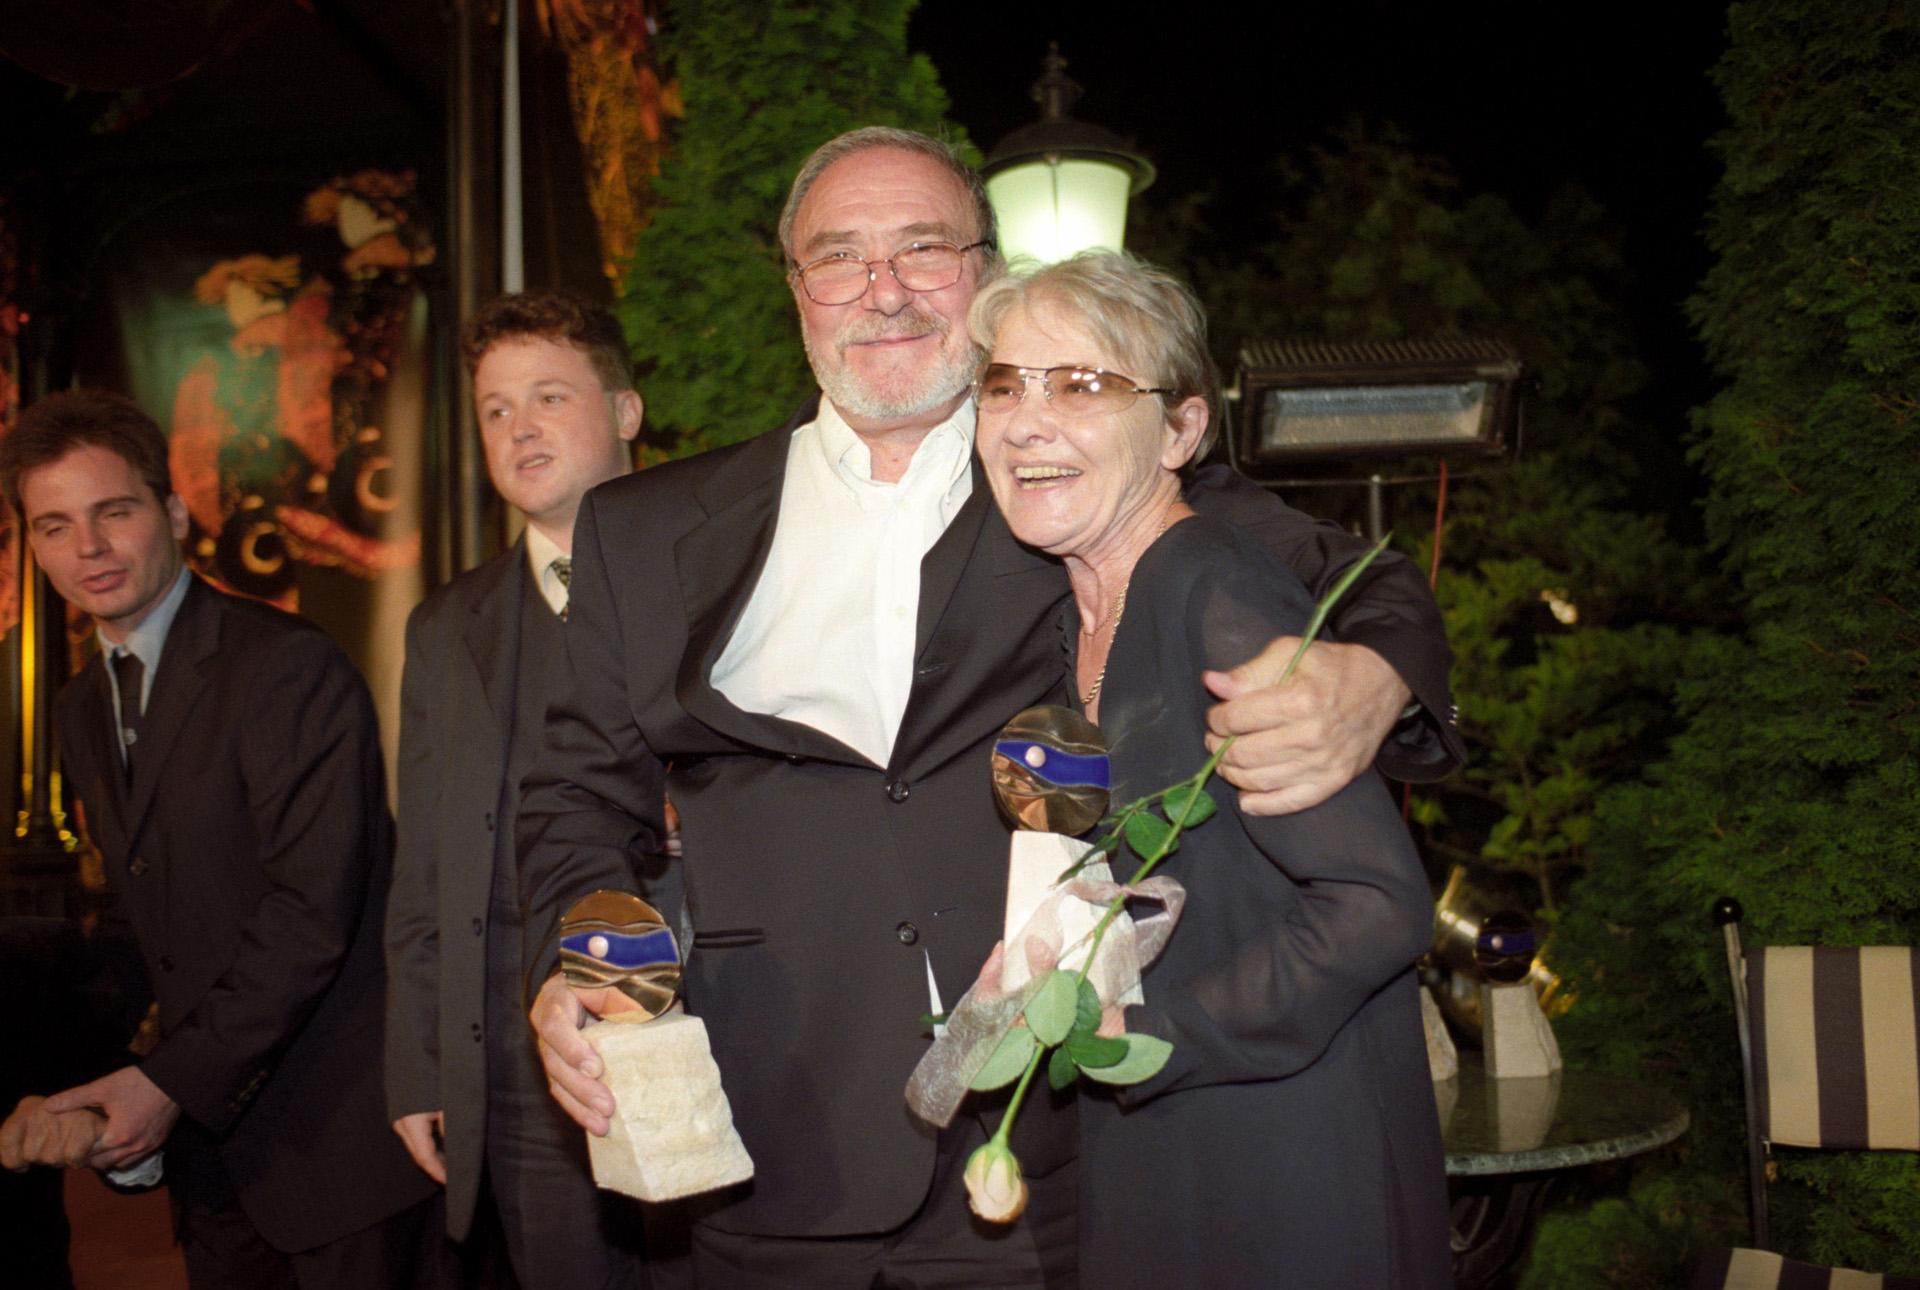 Tordy Géza és Törőcsik Mari, 2012-ben (Fotó: Mohos Angéla)